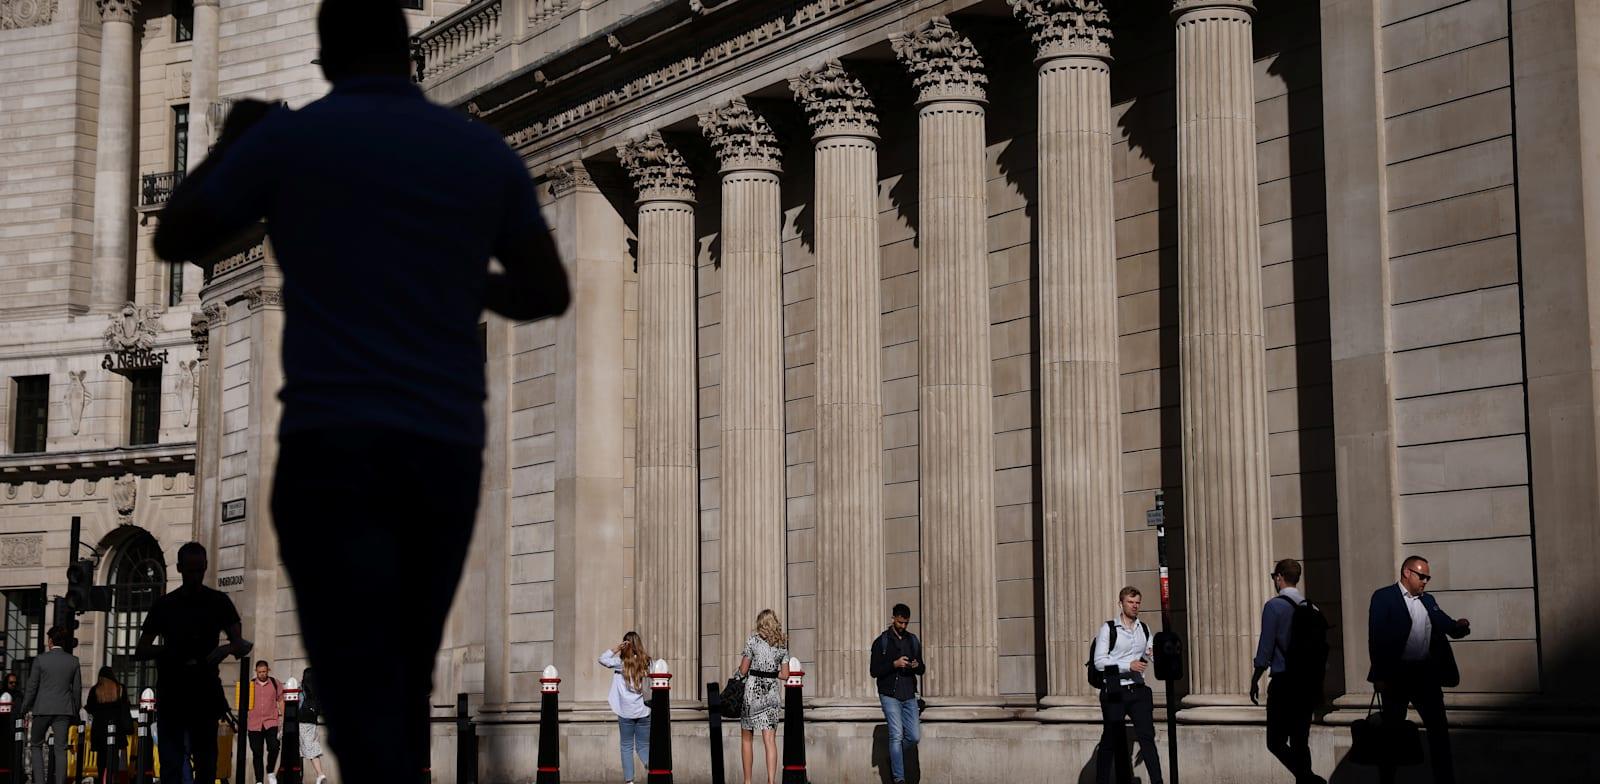 לונדון, השבוע. אי אפשר להניח שהמצב בארץ יחקה בחודשים הקרובים את המודל הבריטי / צילום: Reuters, Henry Nicholls